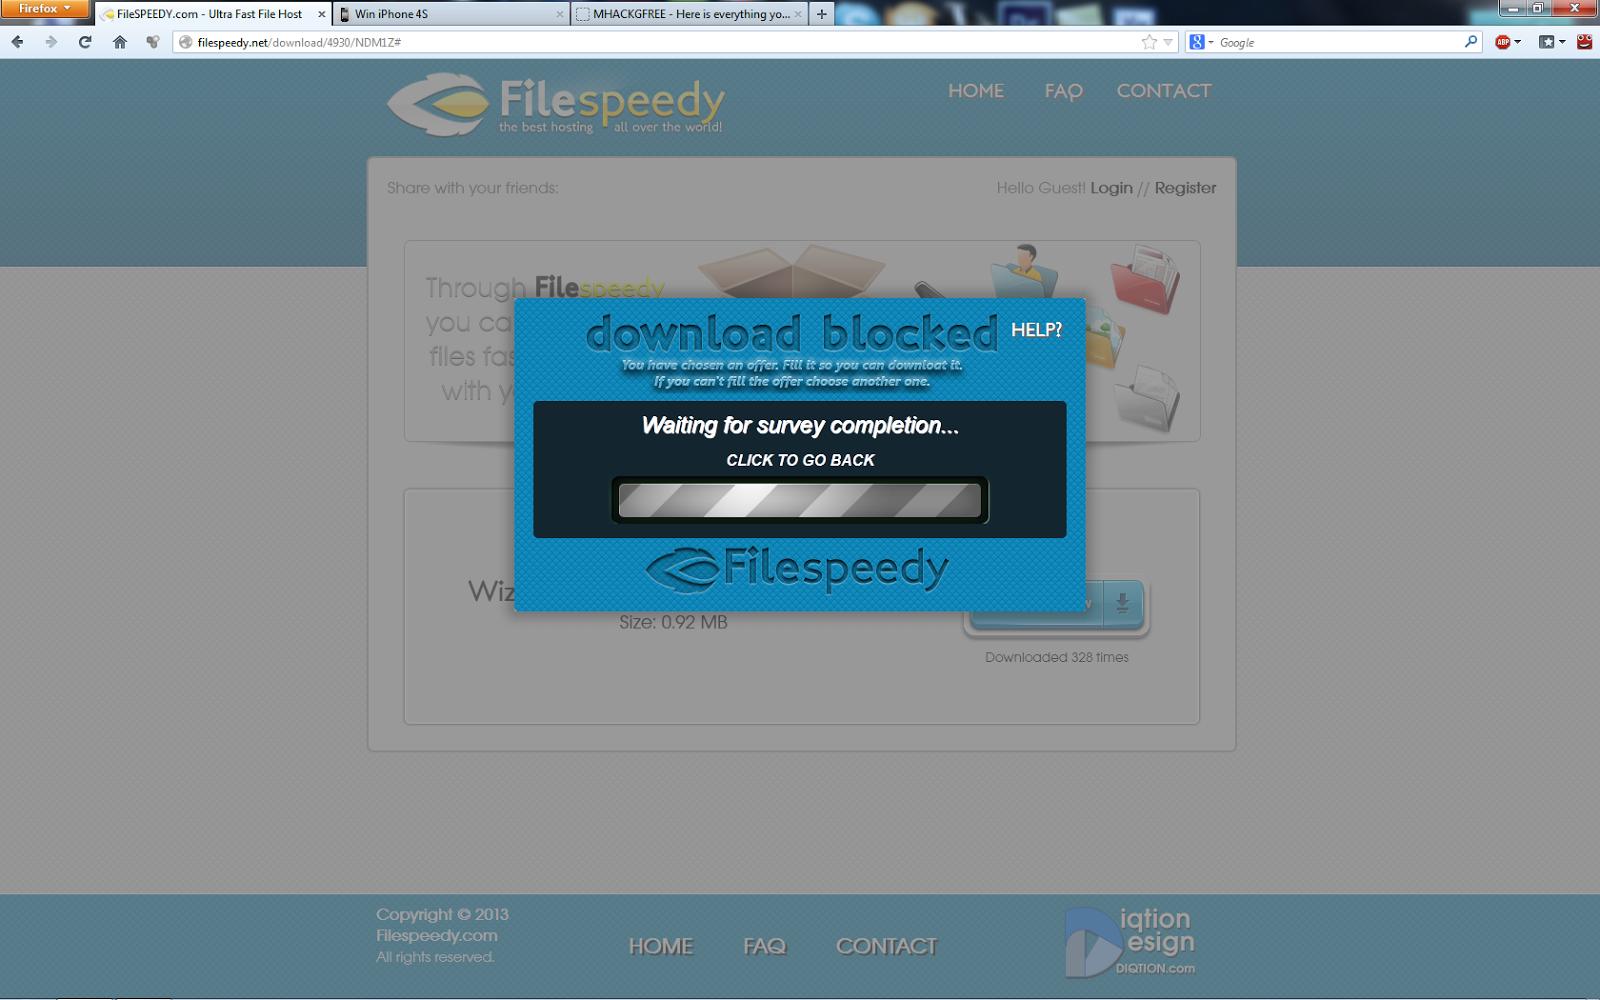 filespeedy net gta 5